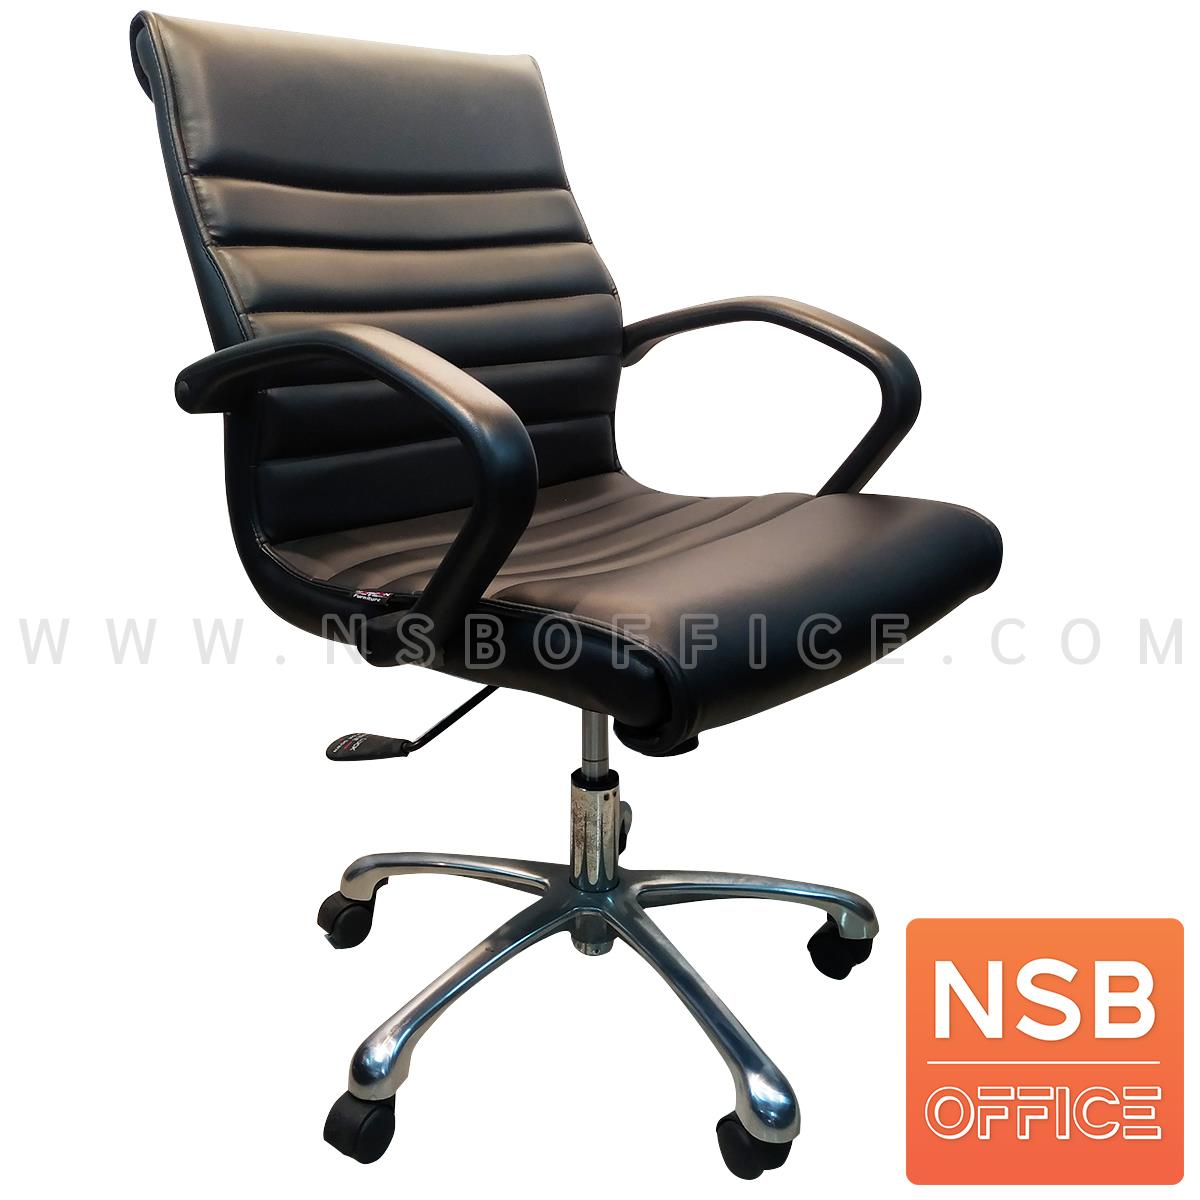 B03A519:เก้าอี้สำนักงาน รุ่น Vagabond (วากาบอนด์)  ขาอลูมีเนียม